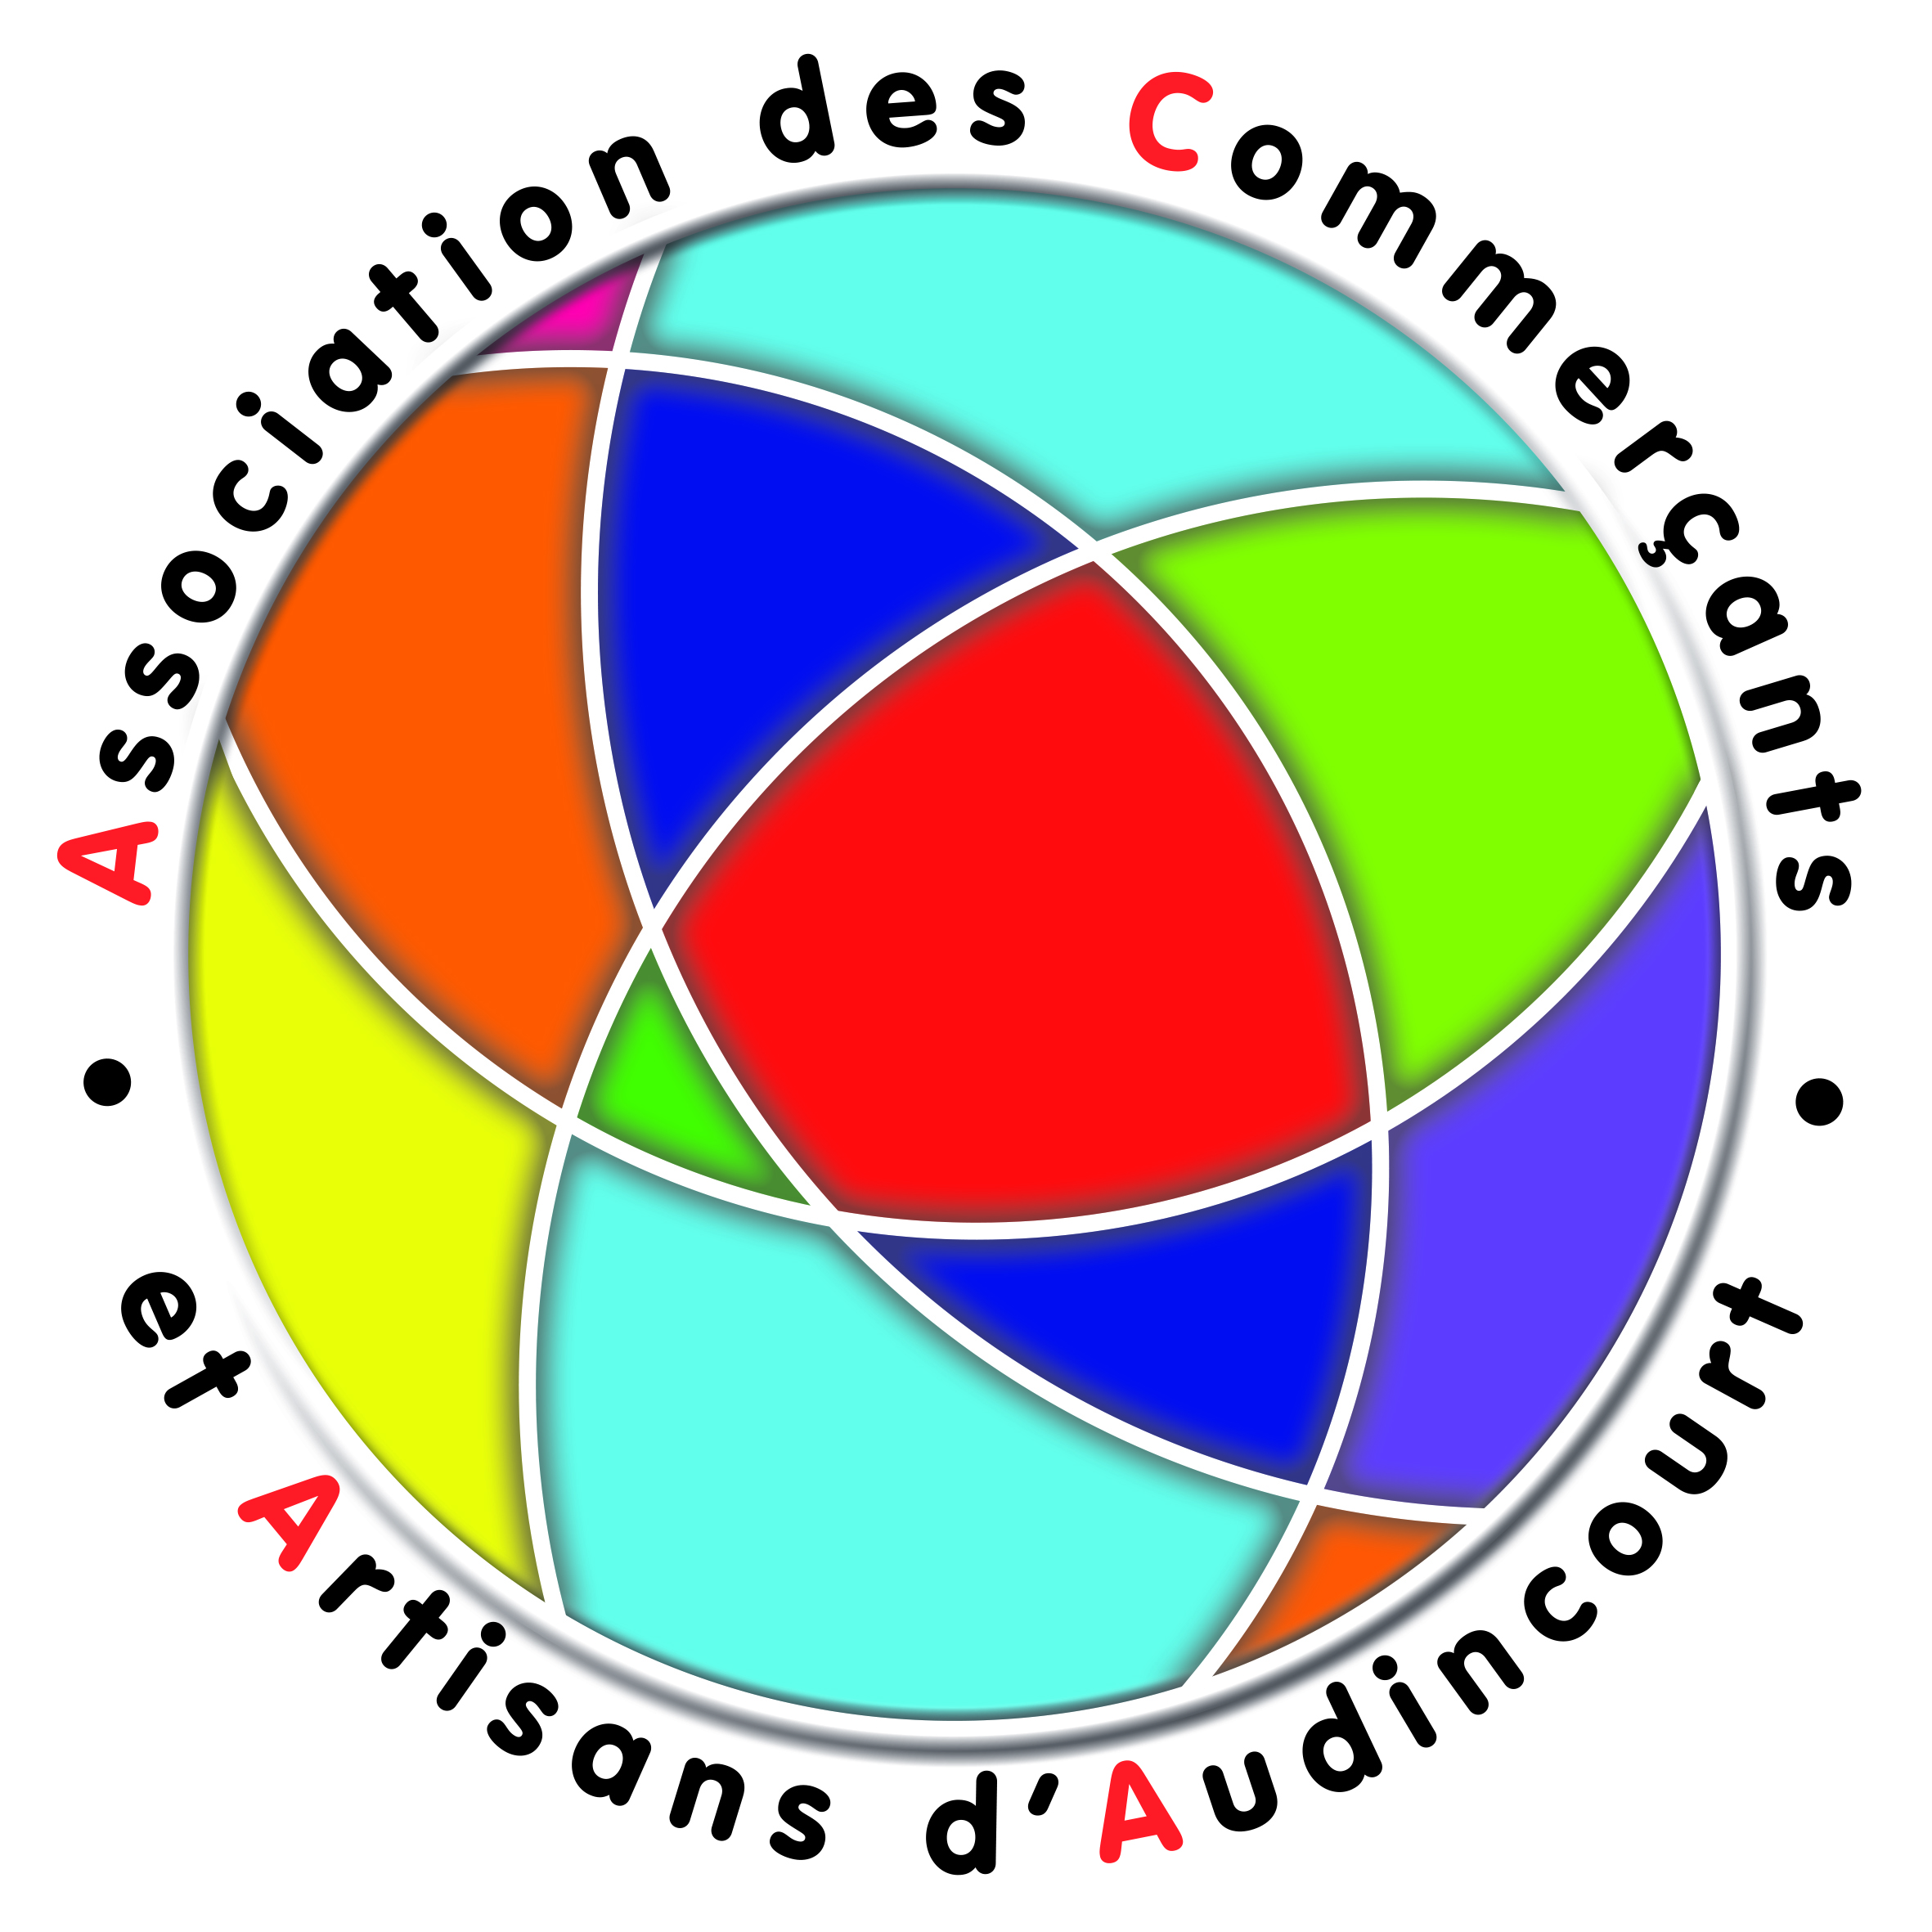 Logo de Association des Commerçants et Artisans d'Audincourt